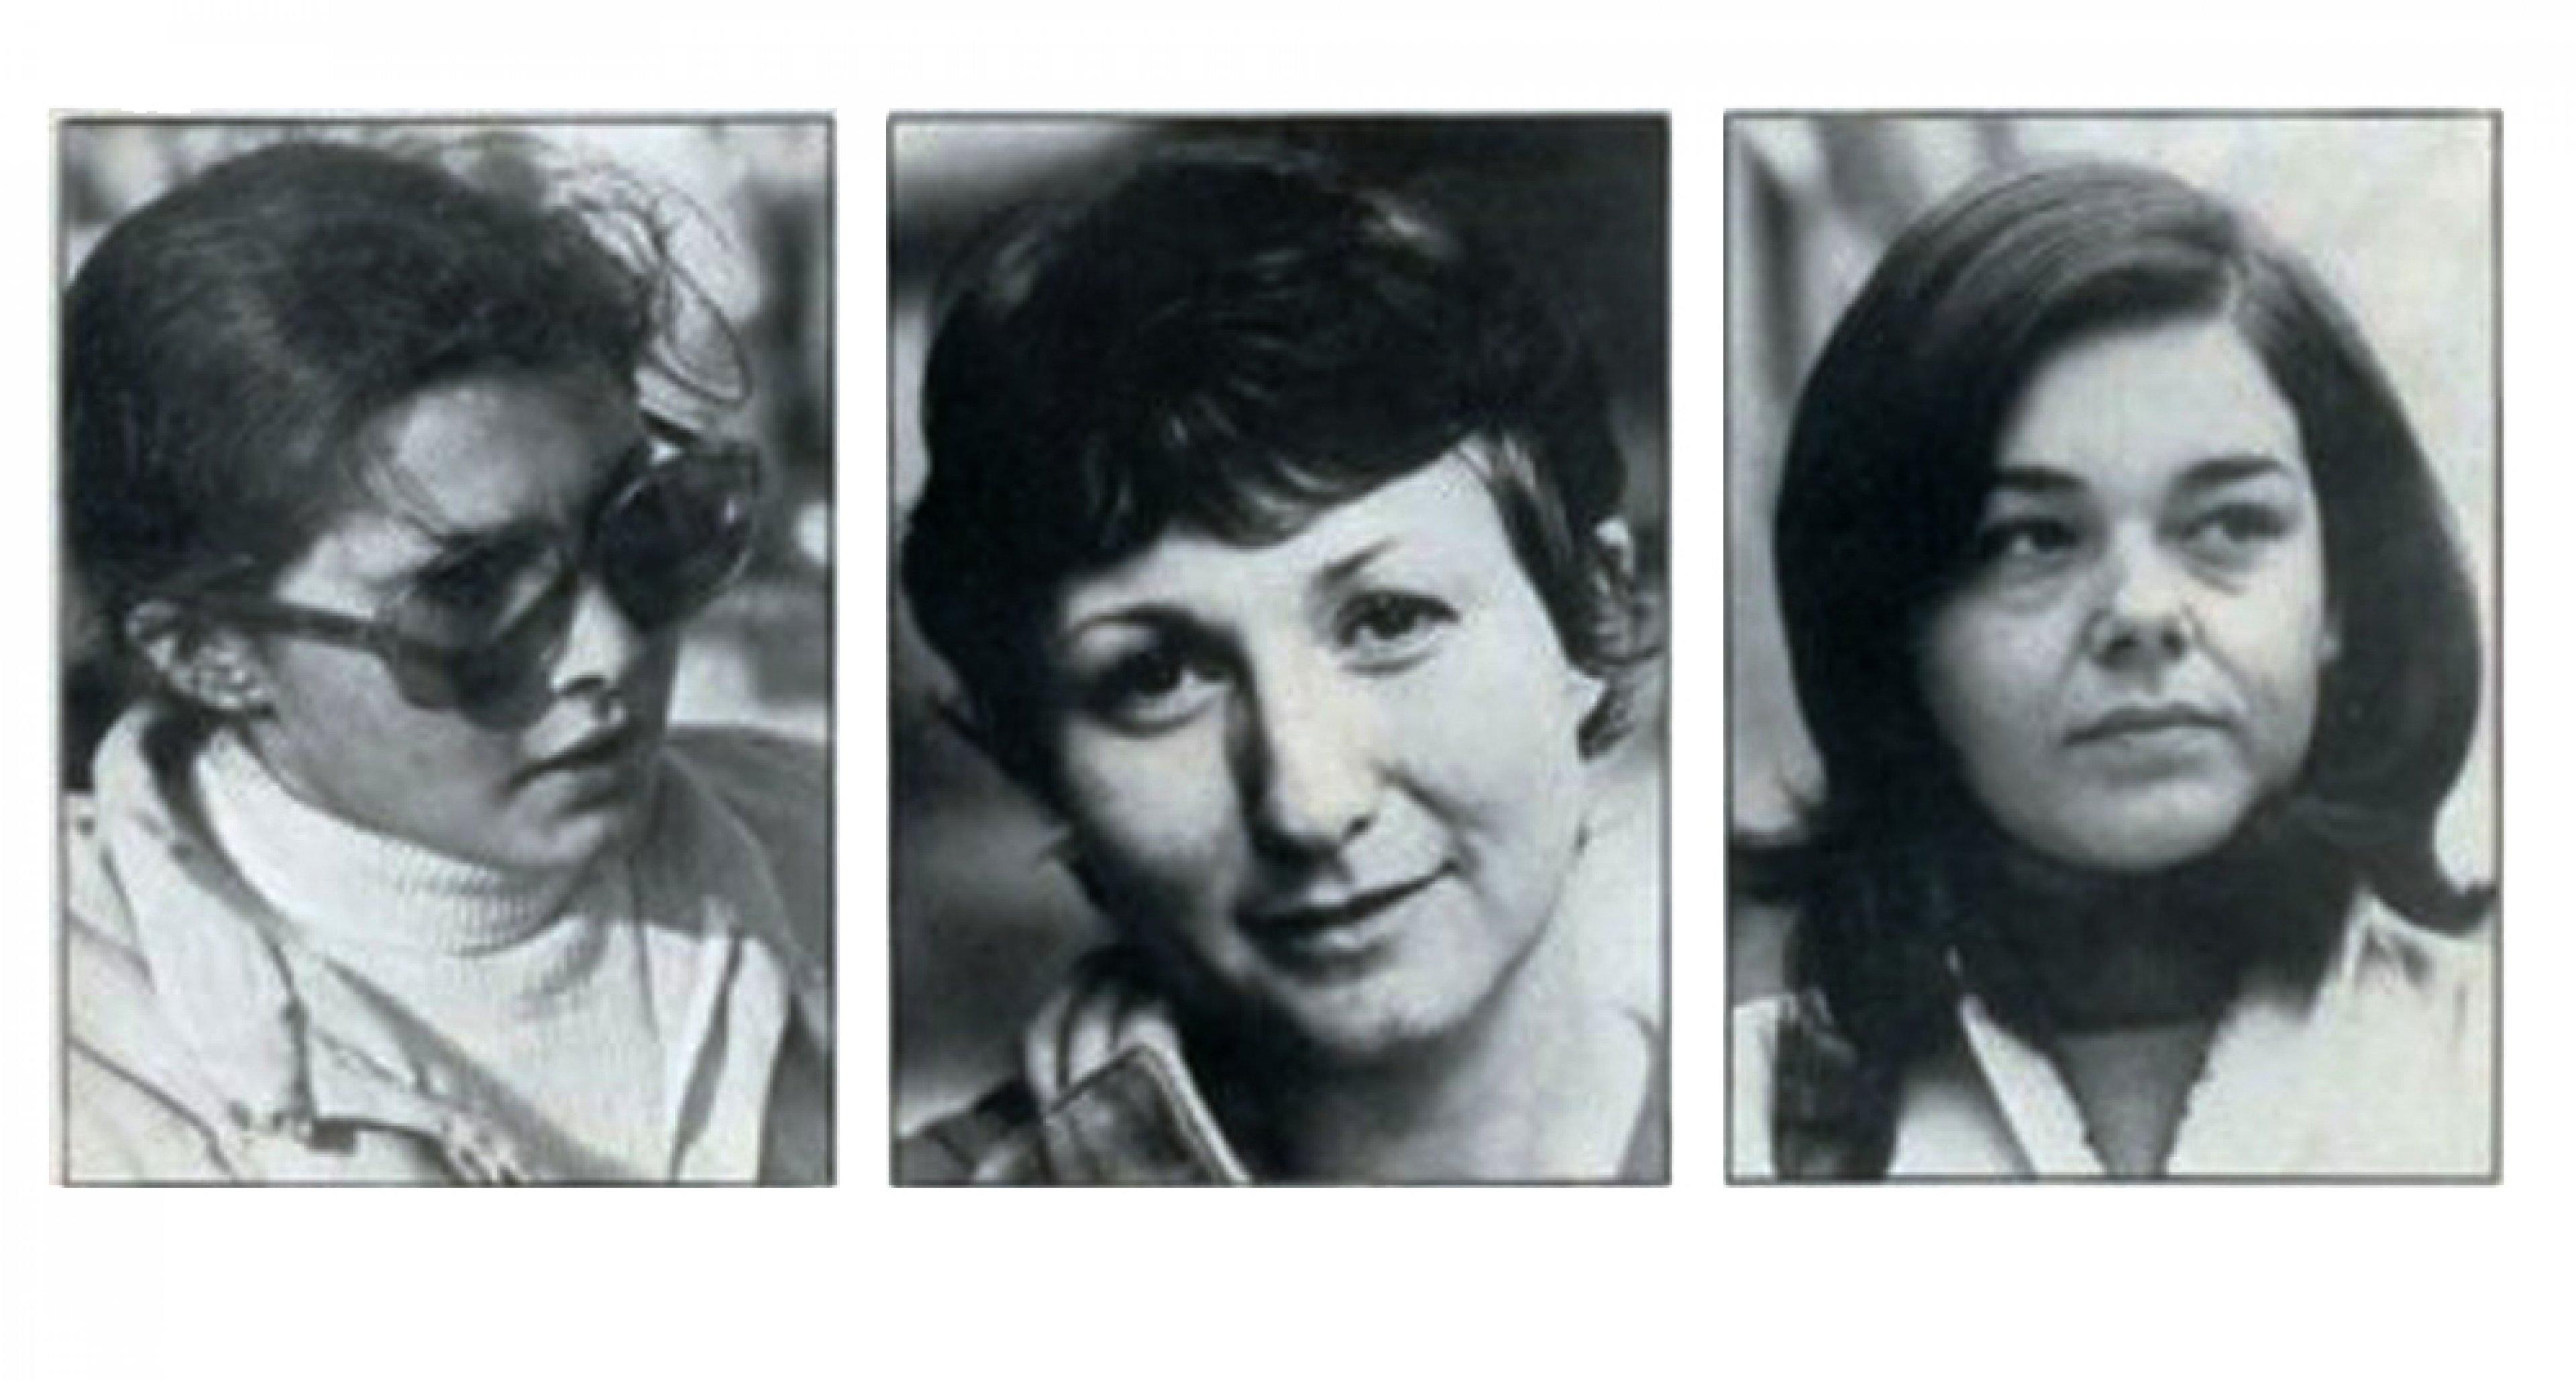 Michèle Mouton, Marianne Hoepfner und Christine Dacremont at Le Mans 1975.